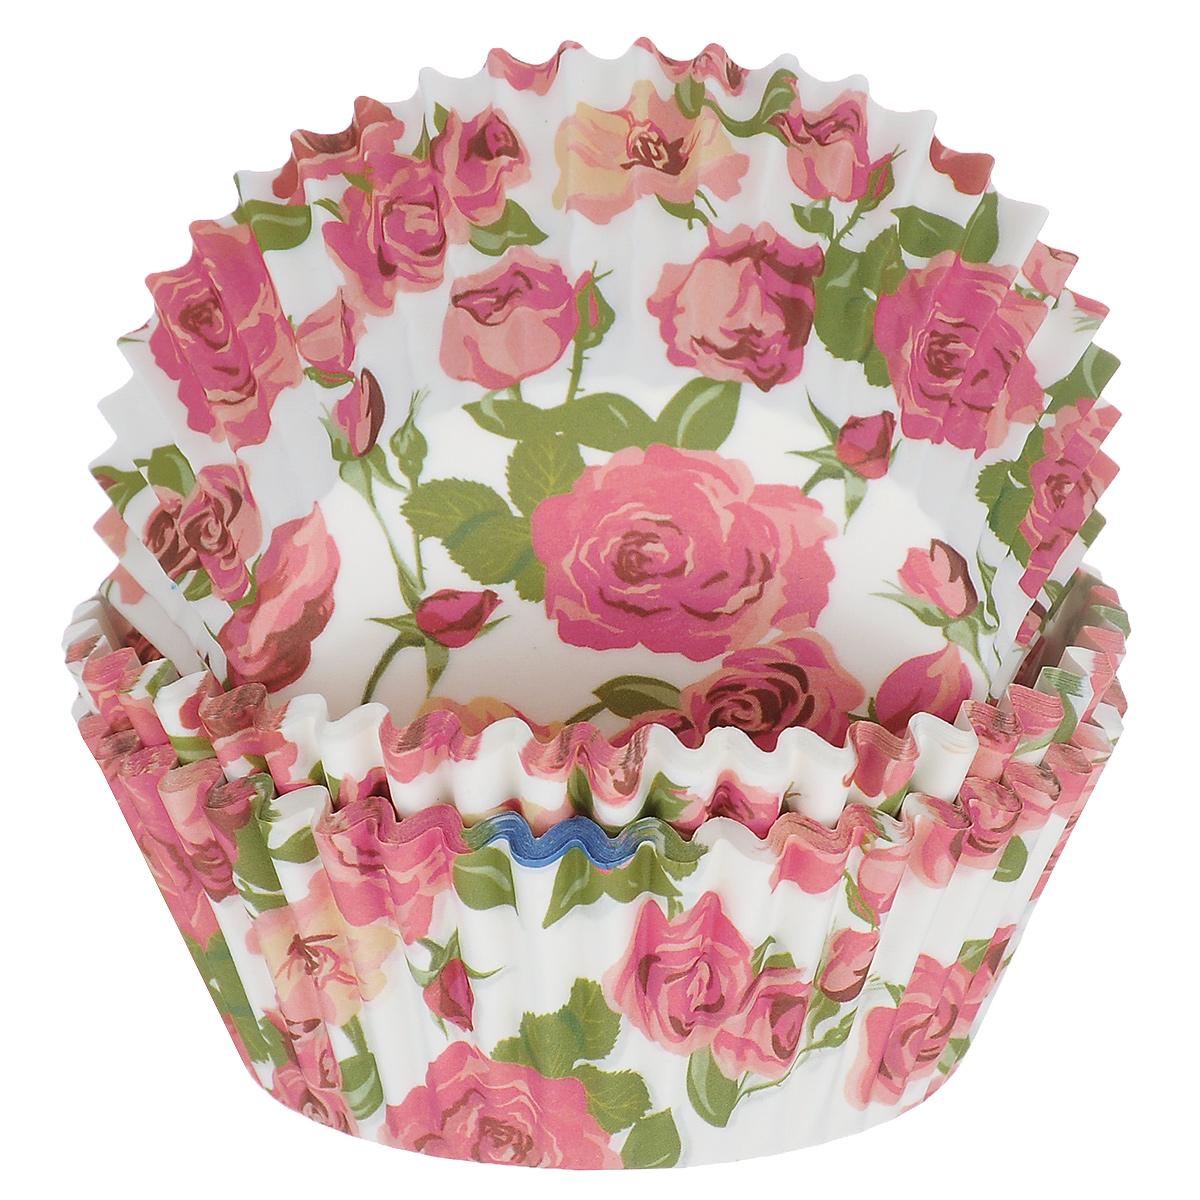 Набор бумажных форм для кексов Dolce Arti Розы, цвет: белый, розовый, диаметр 5 см, 50 штDA080211Набор Dolce Arti Розы состоит из 50 бумажных форм для кексов, оформленных красочным изображением роз. Они предназначены для выпечки и упаковки кондитерских изделий, также могут использоваться для сервировки орешков, конфет и много другого. Для одноразового применения. Гофрированные бумажные формы идеальны для выпечки кексов, булочек и пирожных. Высота стенки: 3 см. Диаметр (по верхнему краю): 7 см. Диаметр дна: 5 см.